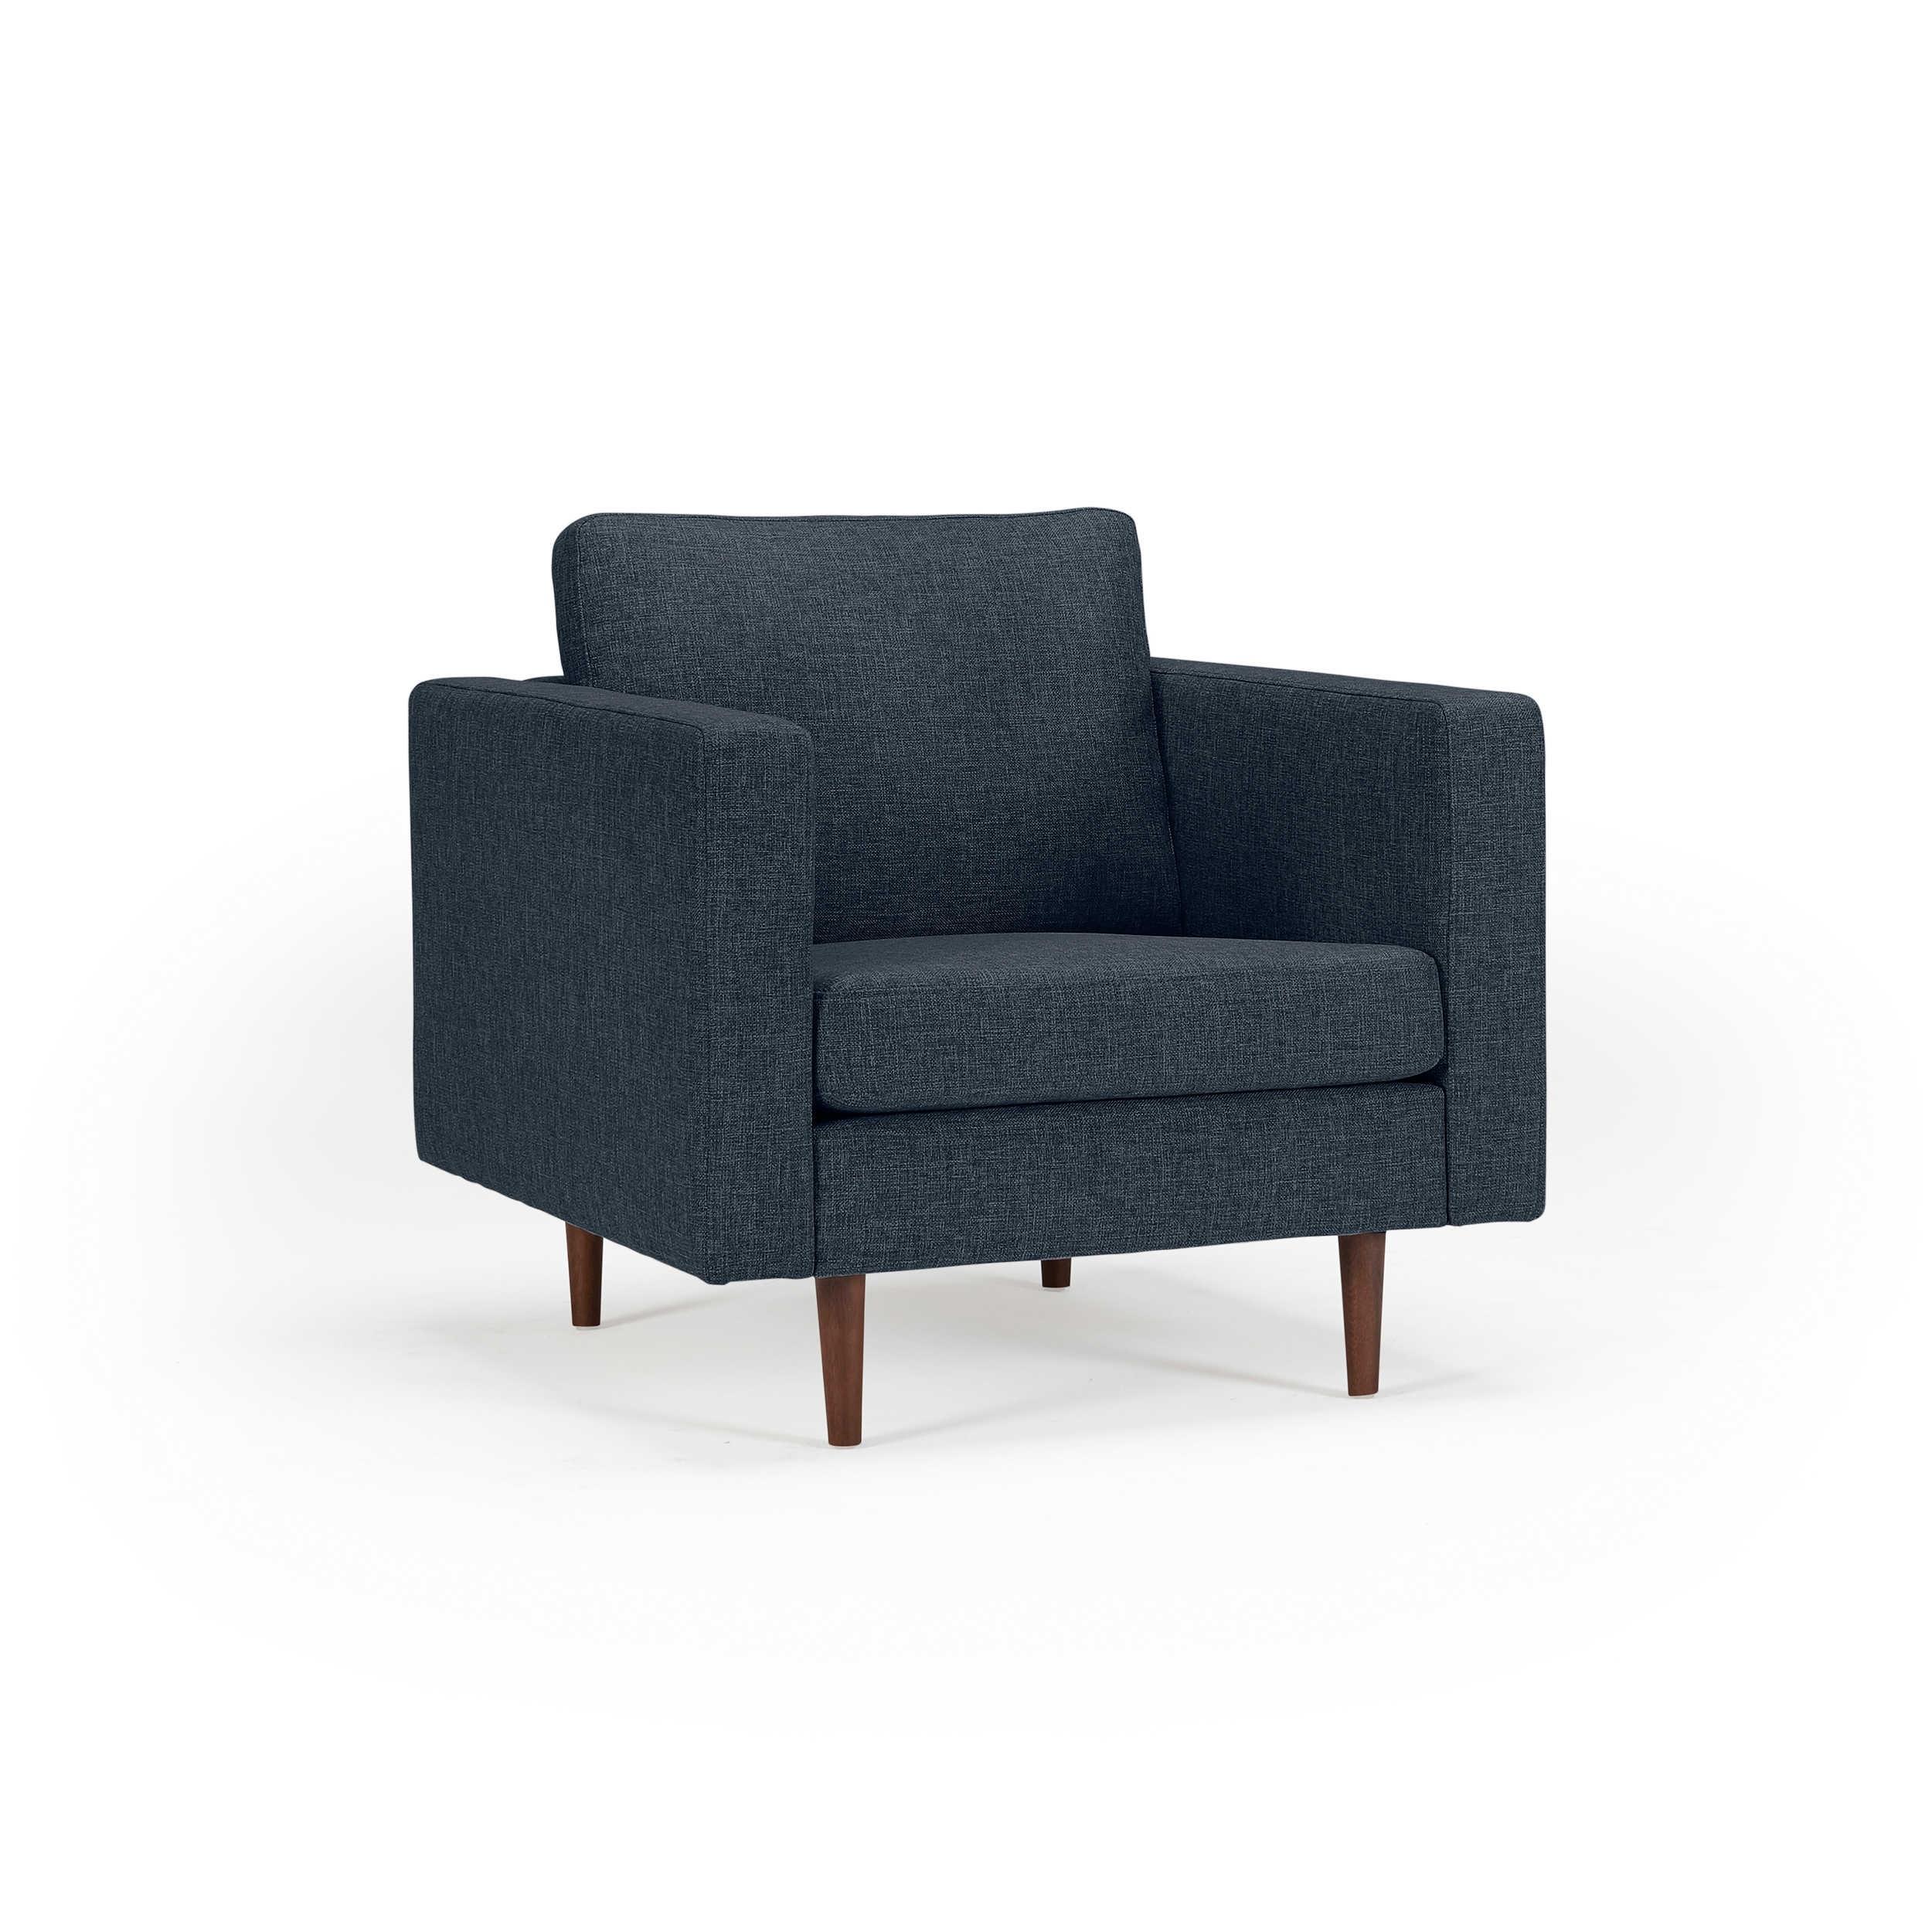 kragelund sessel k370 otto blau stoff online kaufen bei woonio. Black Bedroom Furniture Sets. Home Design Ideas